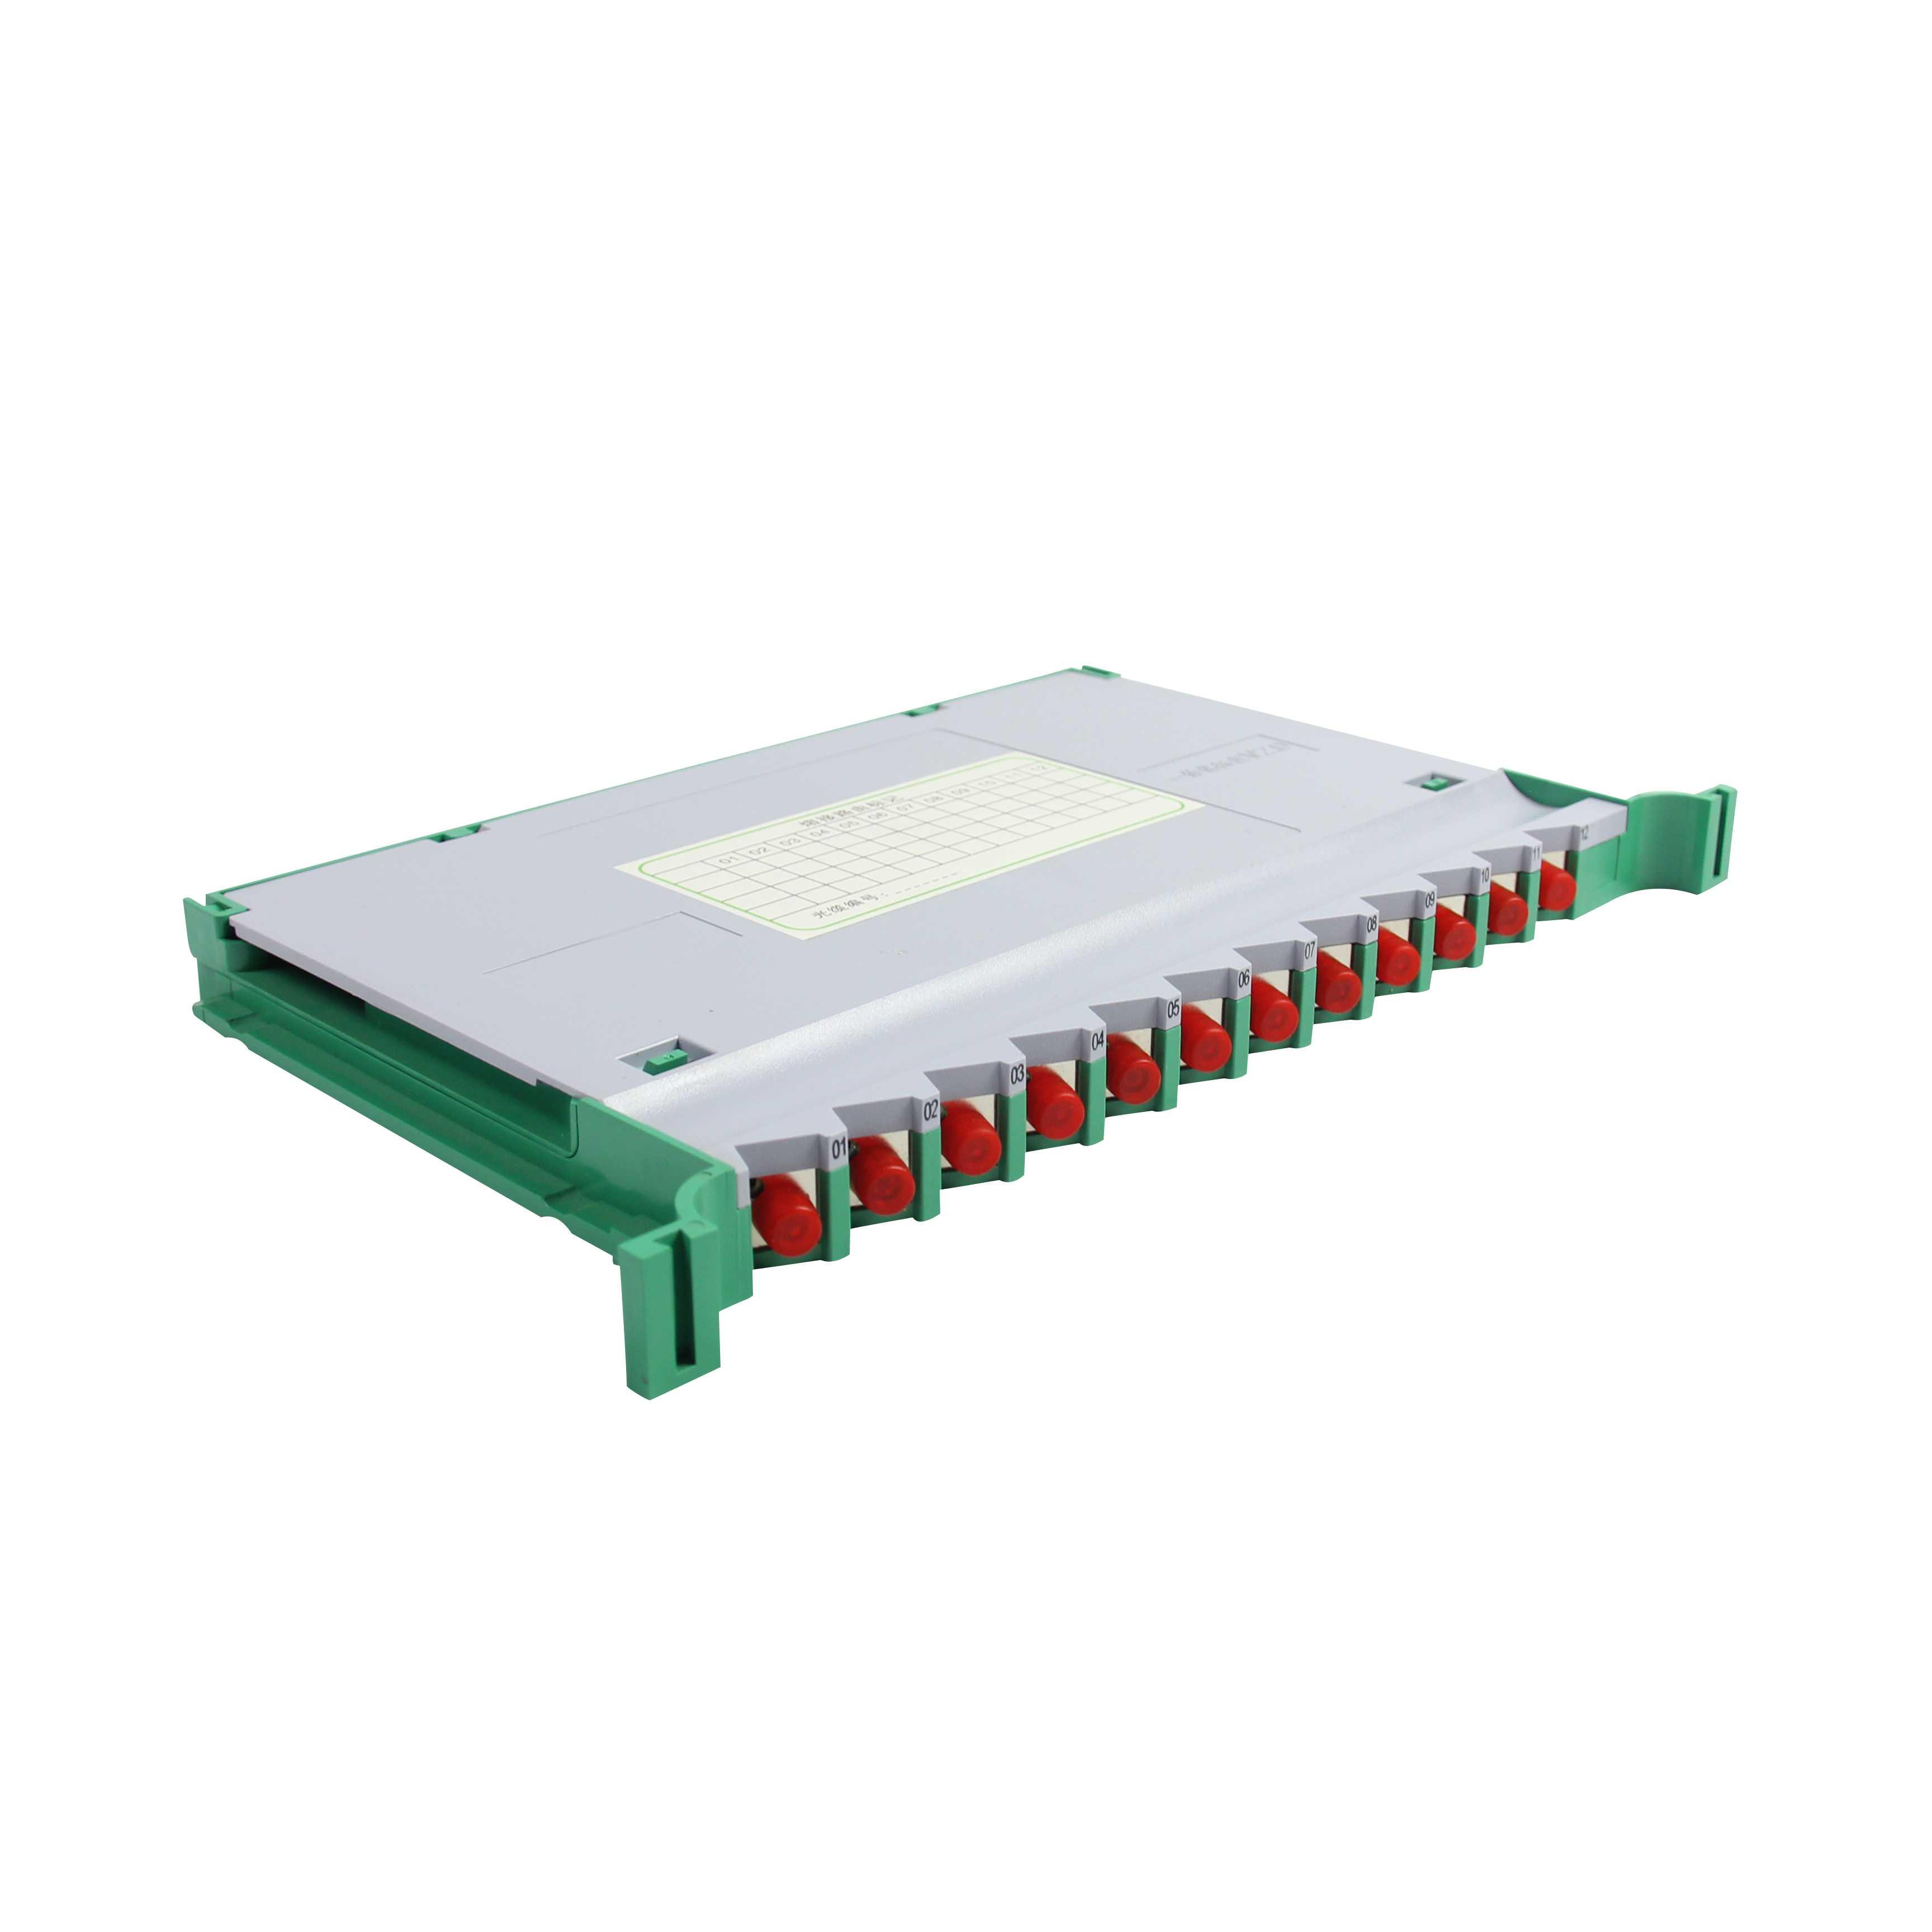 翼德通信供应 新款双层12芯一体化托盘SC-FC通用型